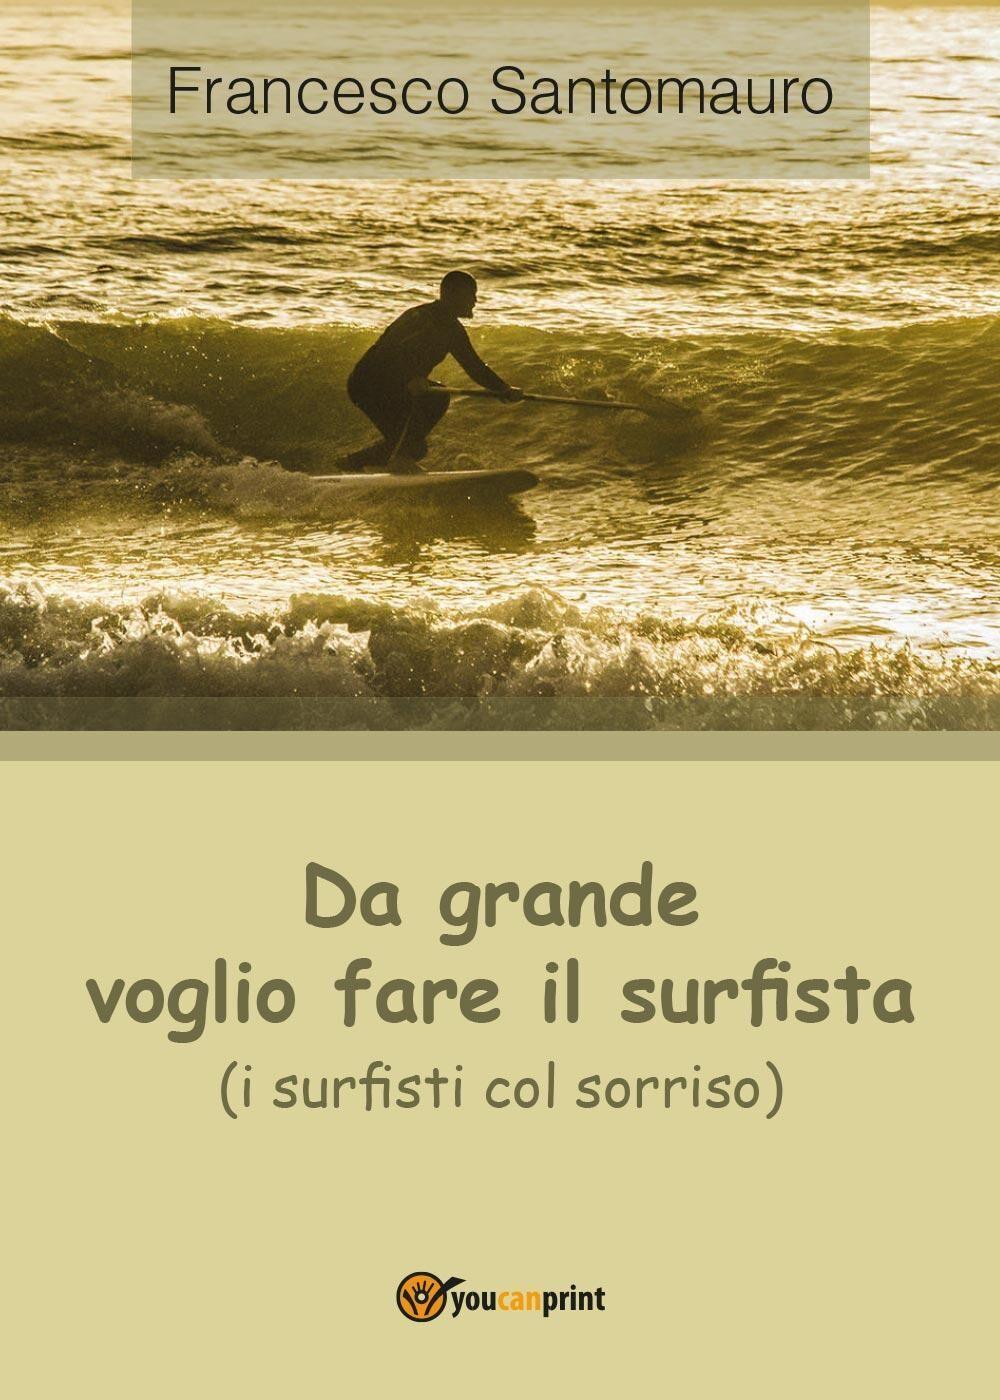 Da grande voglio fare il surfista (i surfisti col sorriso)